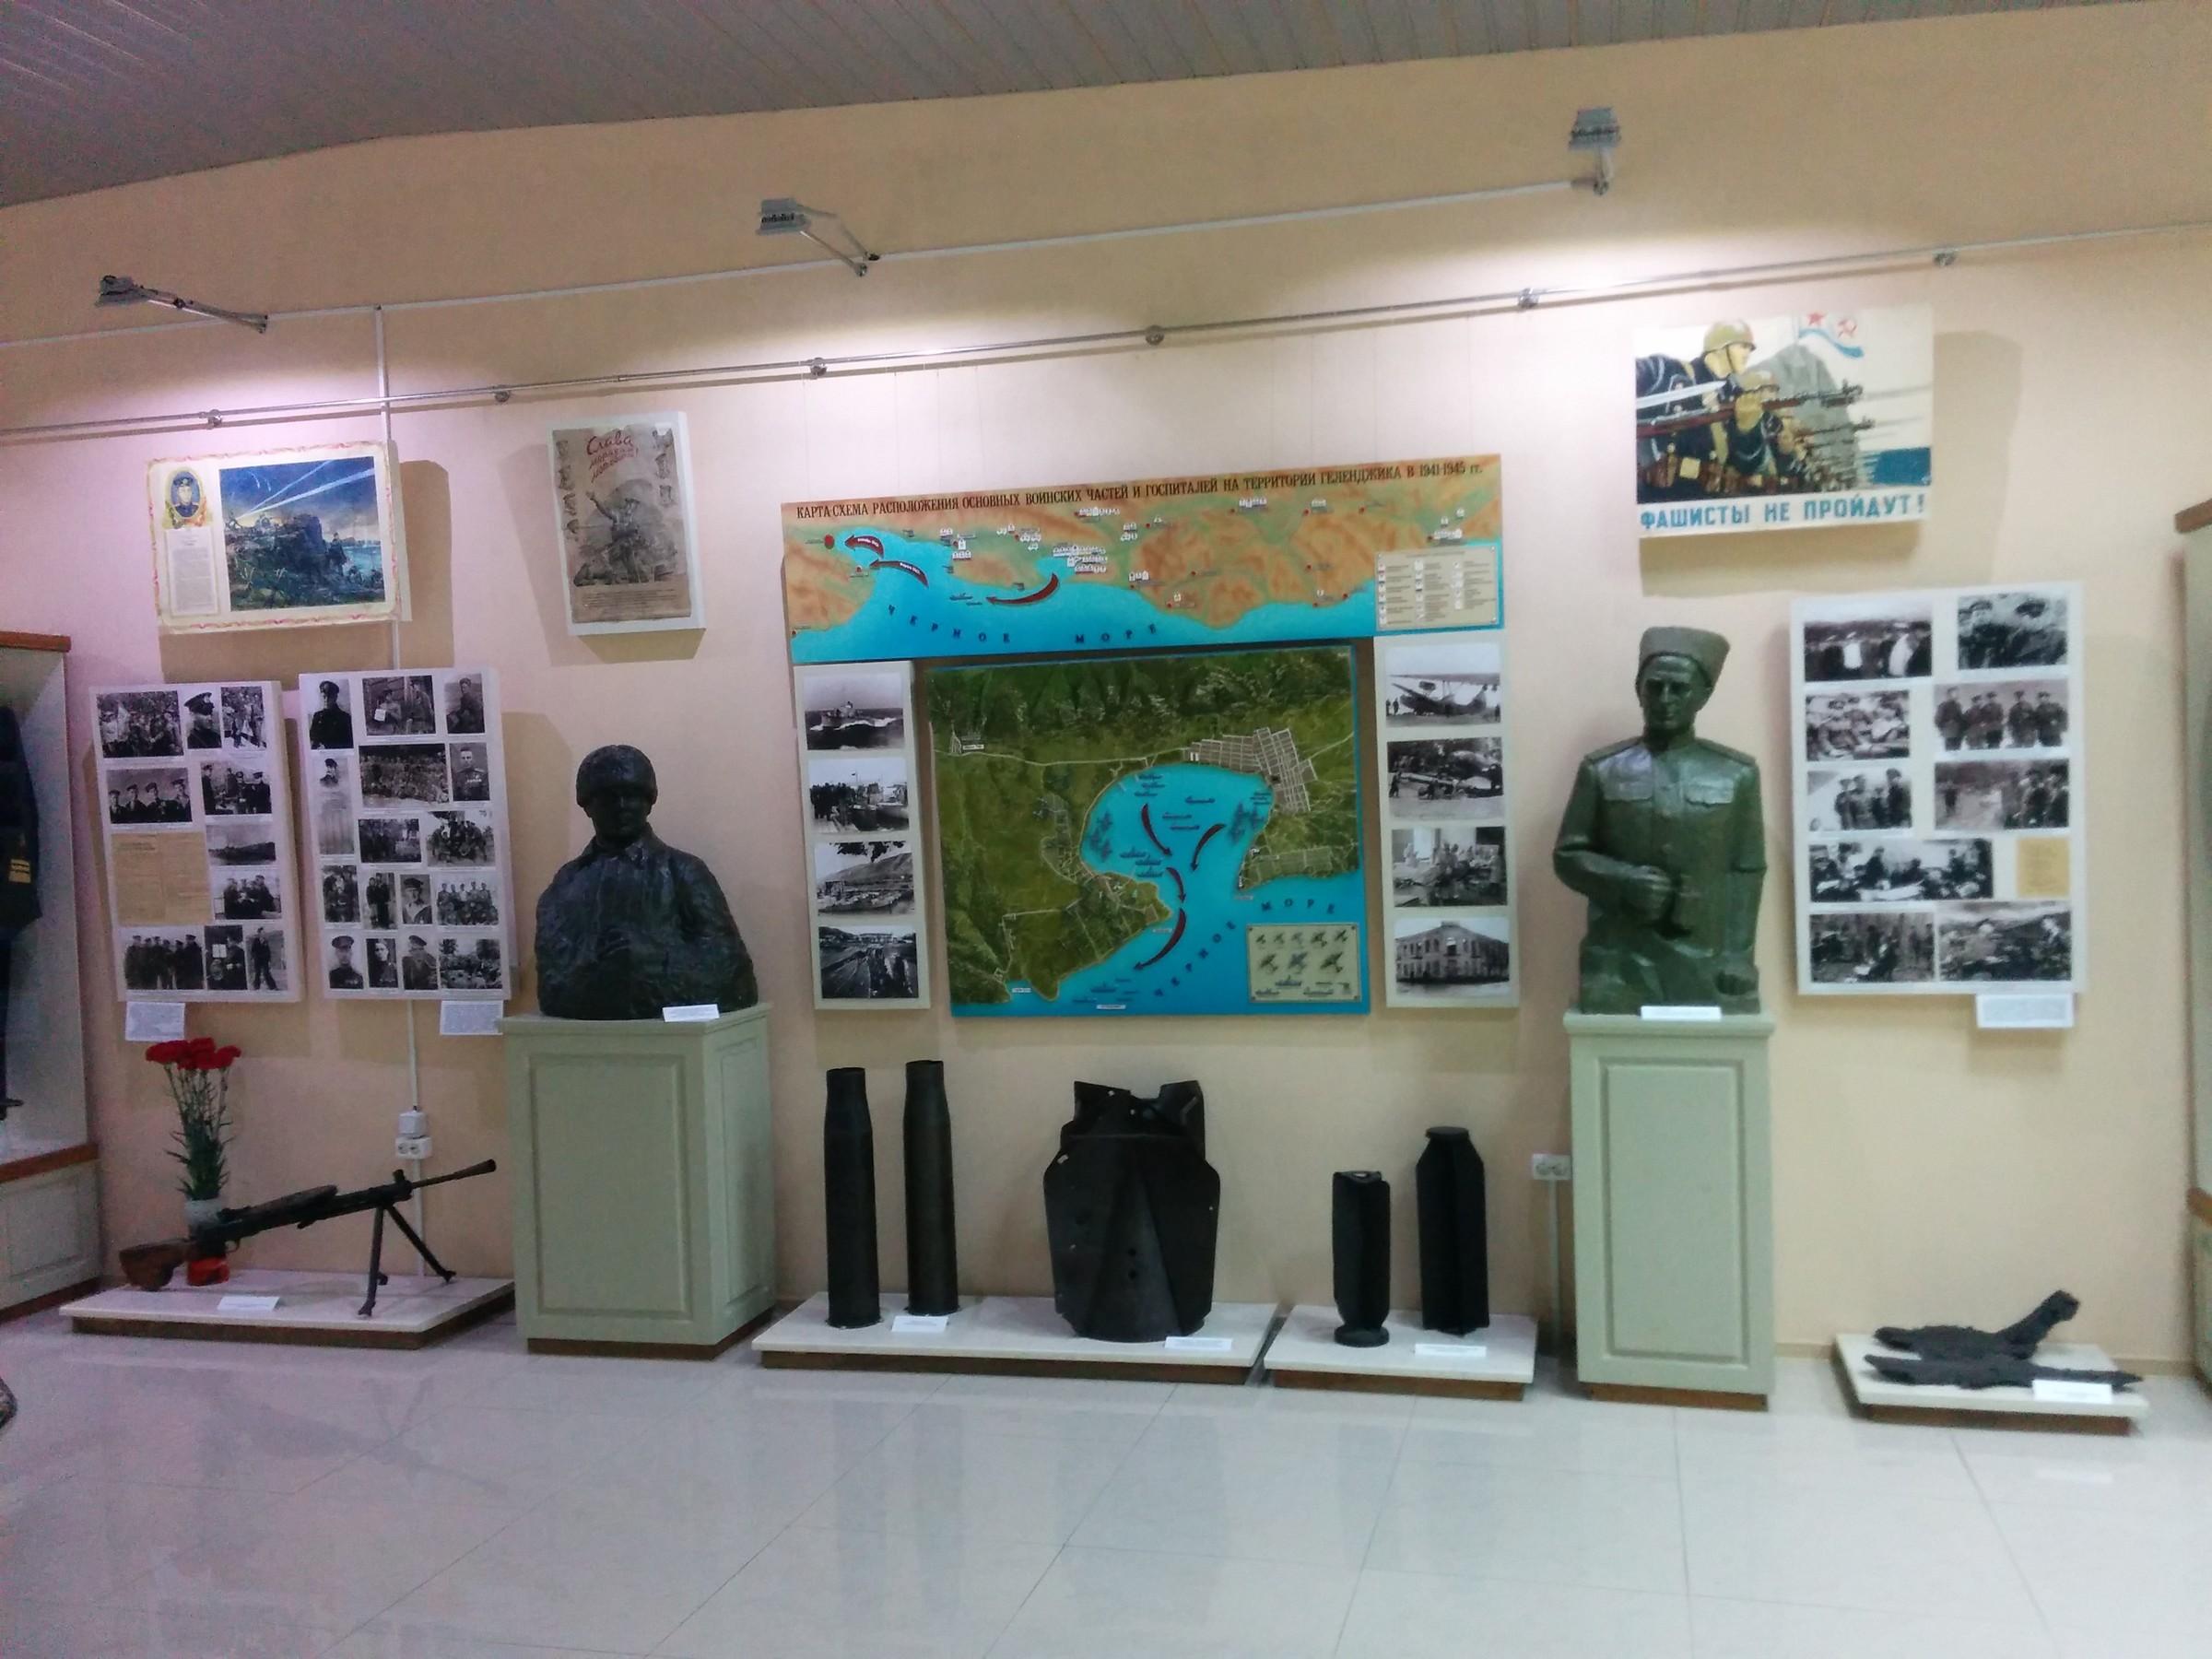 краеведческий музей геленджика сколько стоит билет